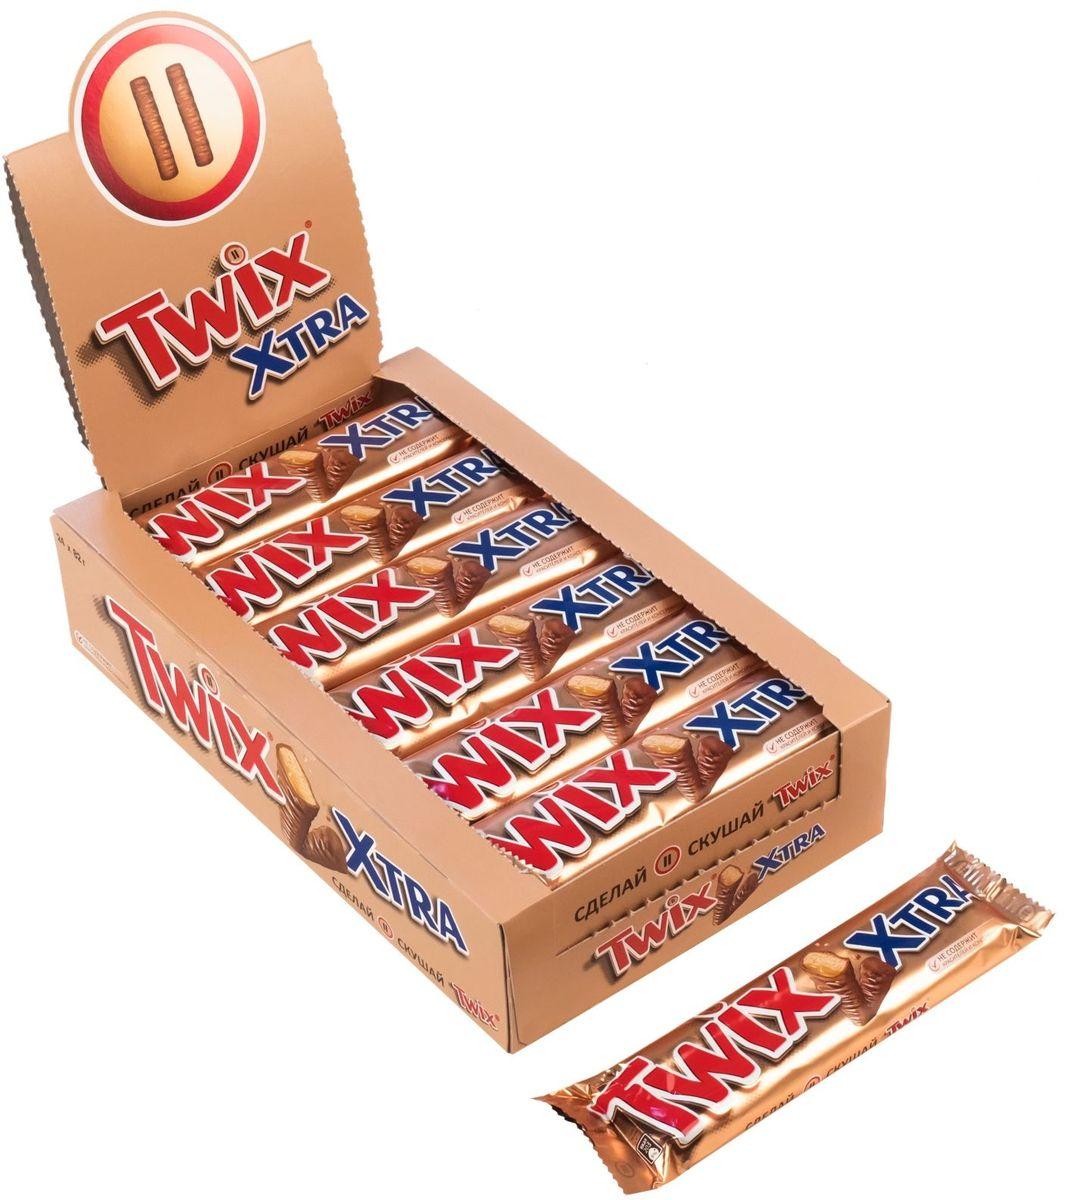 Twix Xtra шоколадный батончик, 24 шт по 82 г paw patrol шоколадные медали 21 г по 24 шт